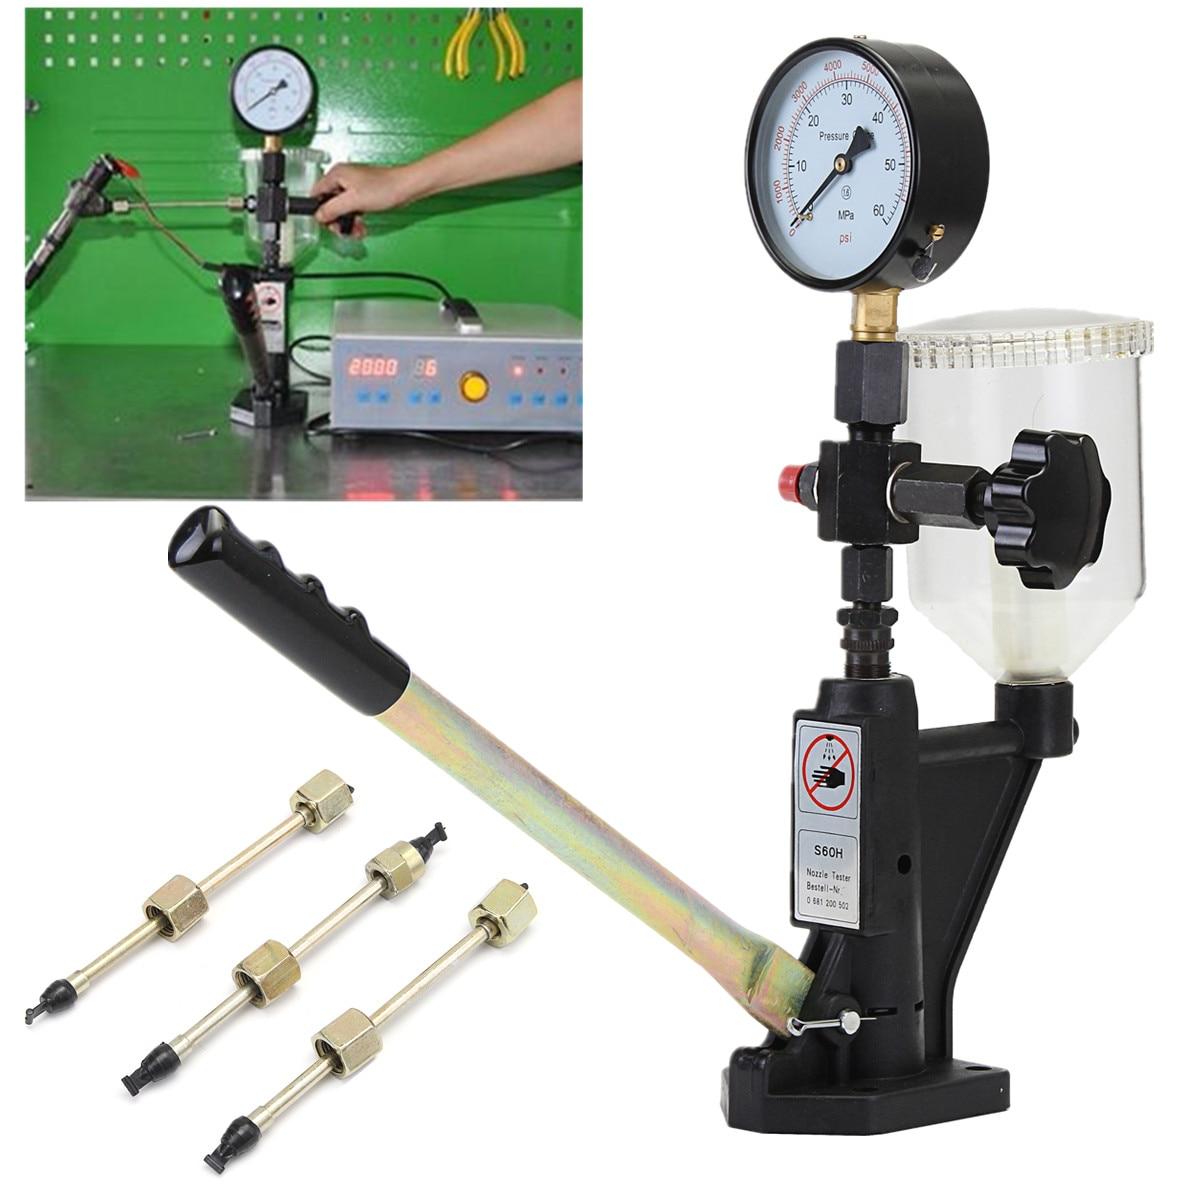 Max 60 Mpa buse Pop-pression injecteur de carburant calibrateur double échelle jauge testeur 0-400 BAR commun Rail outil Diagnostic métal